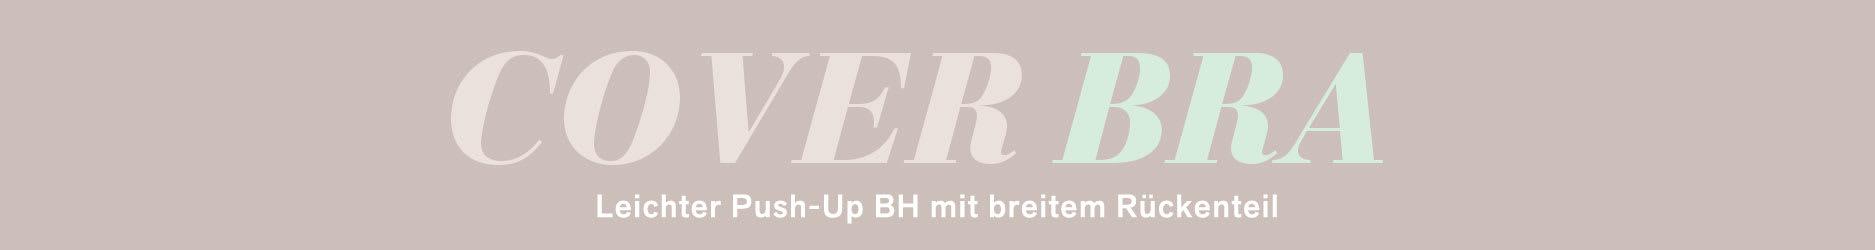 Leichter Push-Up BH mit breitem Rückenteil - Cover/Bra